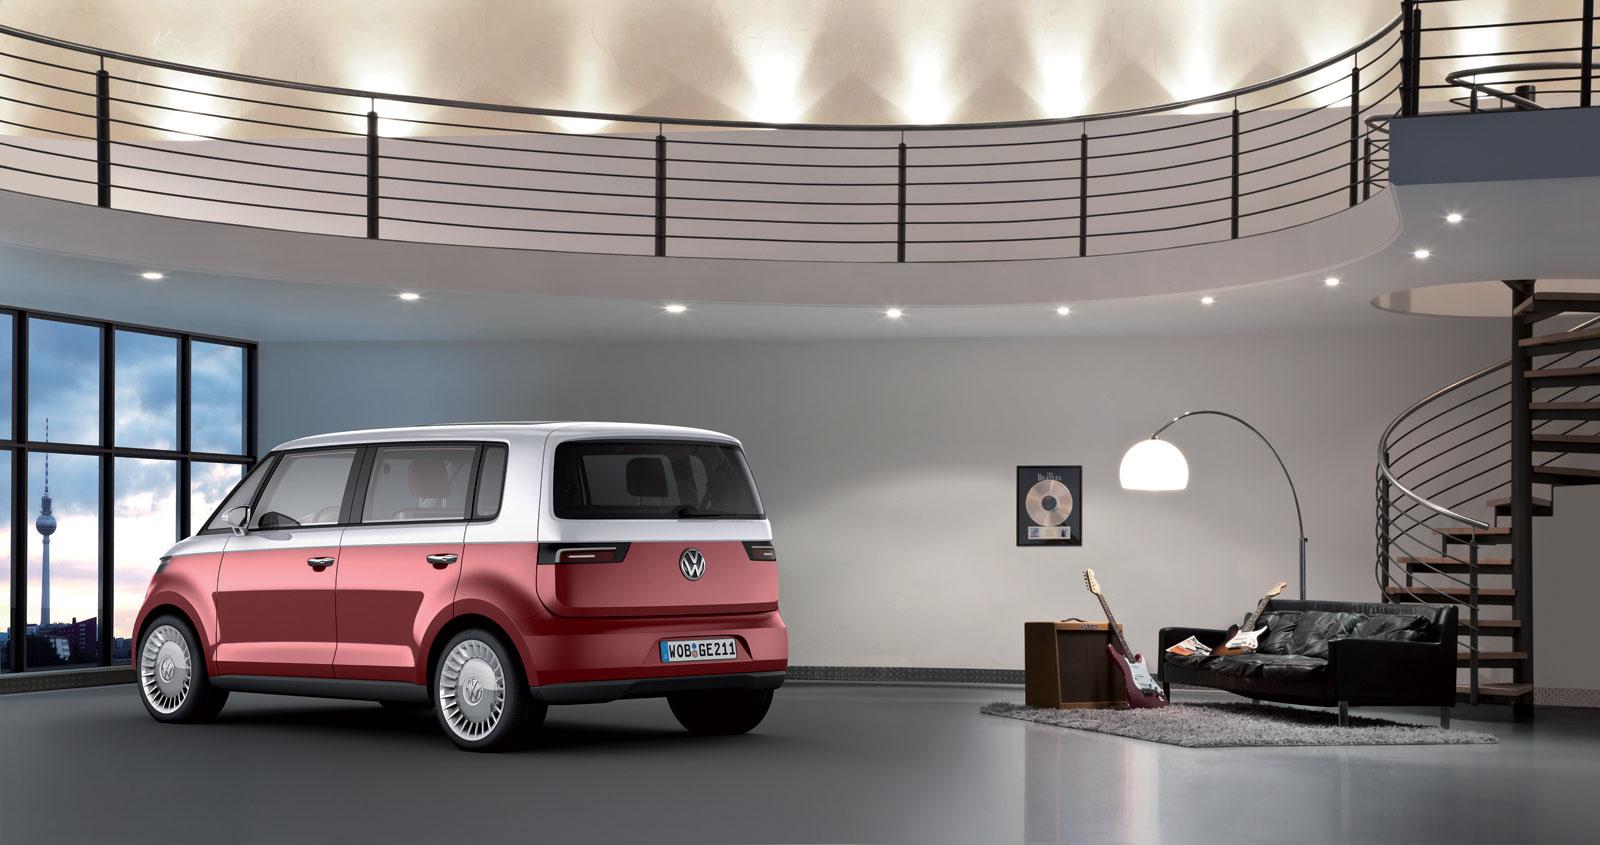 http://3.bp.blogspot.com/-Oyqr2-BtJMU/T-N6HpZUq_I/AAAAAAAAD2c/TbaTPpUX7TA/s1600/Volkswagen+Bulli+Concept+Hd+Wallpapers+2011_5.jpg